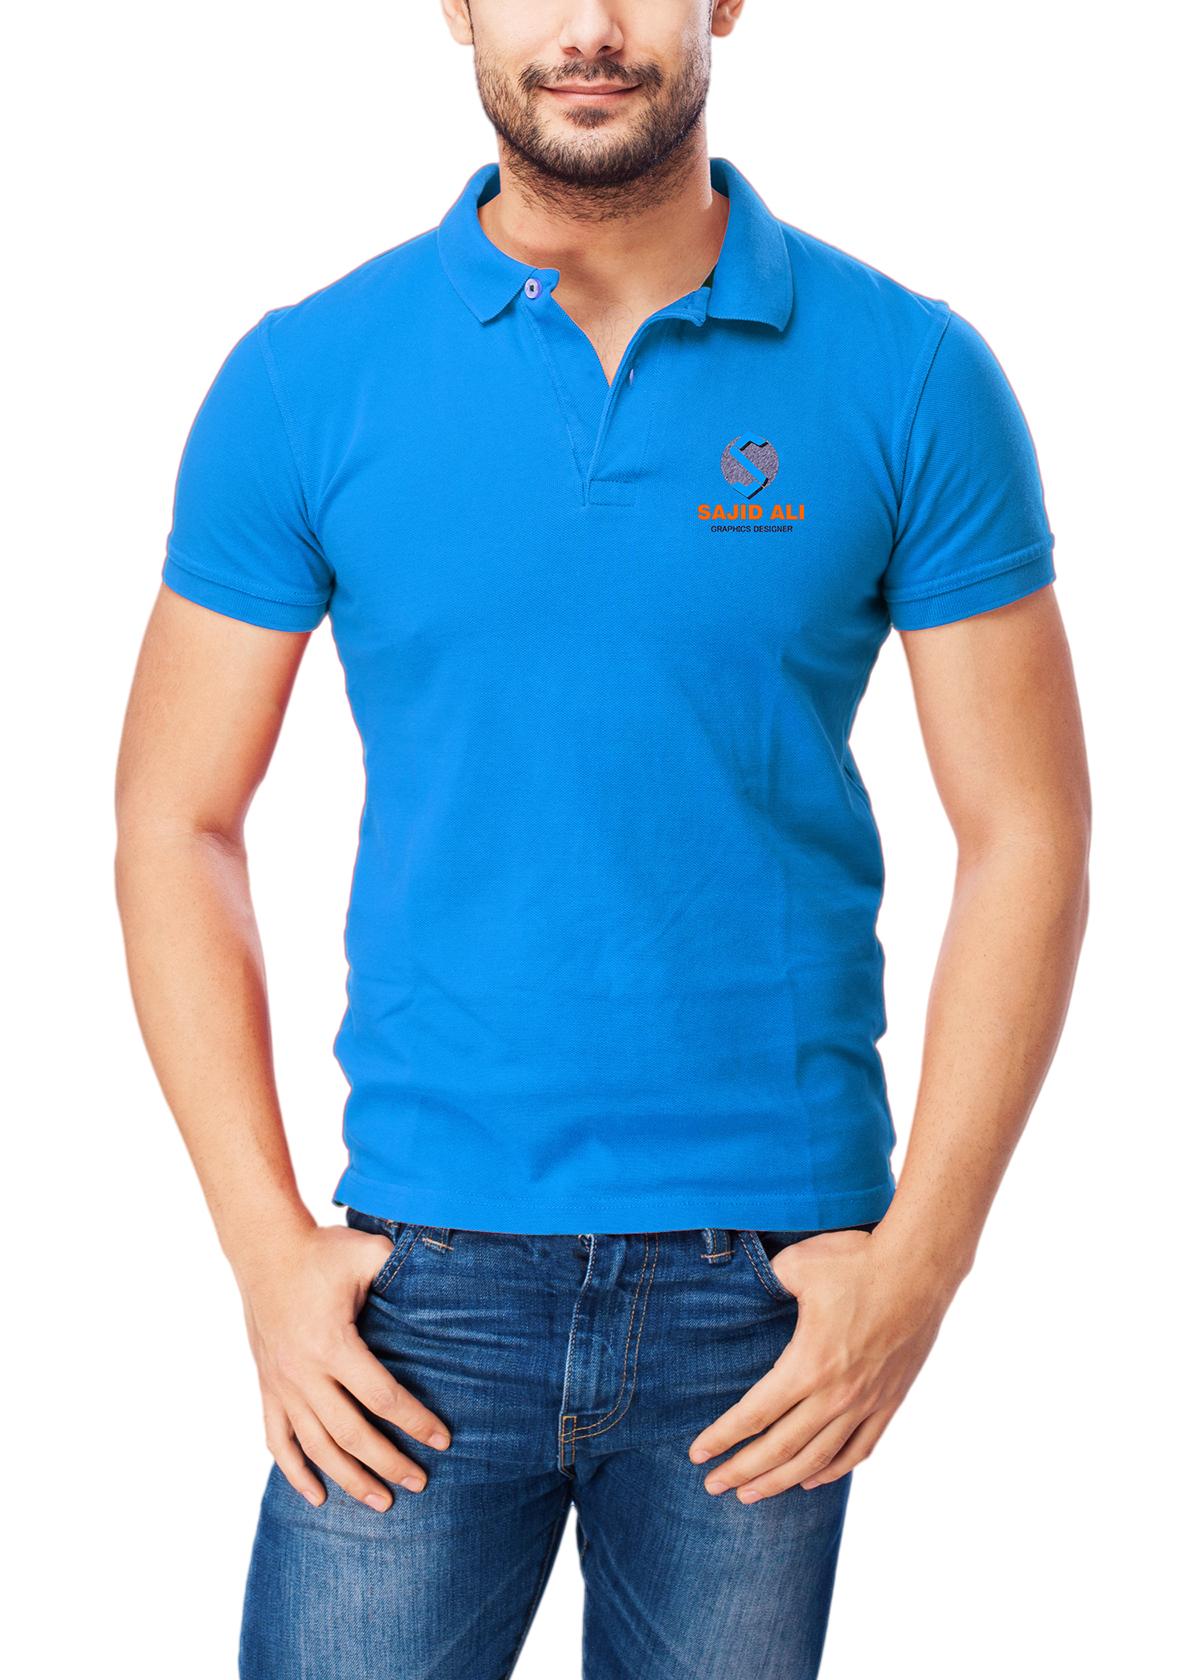 Este pack vem com 3 posições de camisetas polo 64e5742b7db33